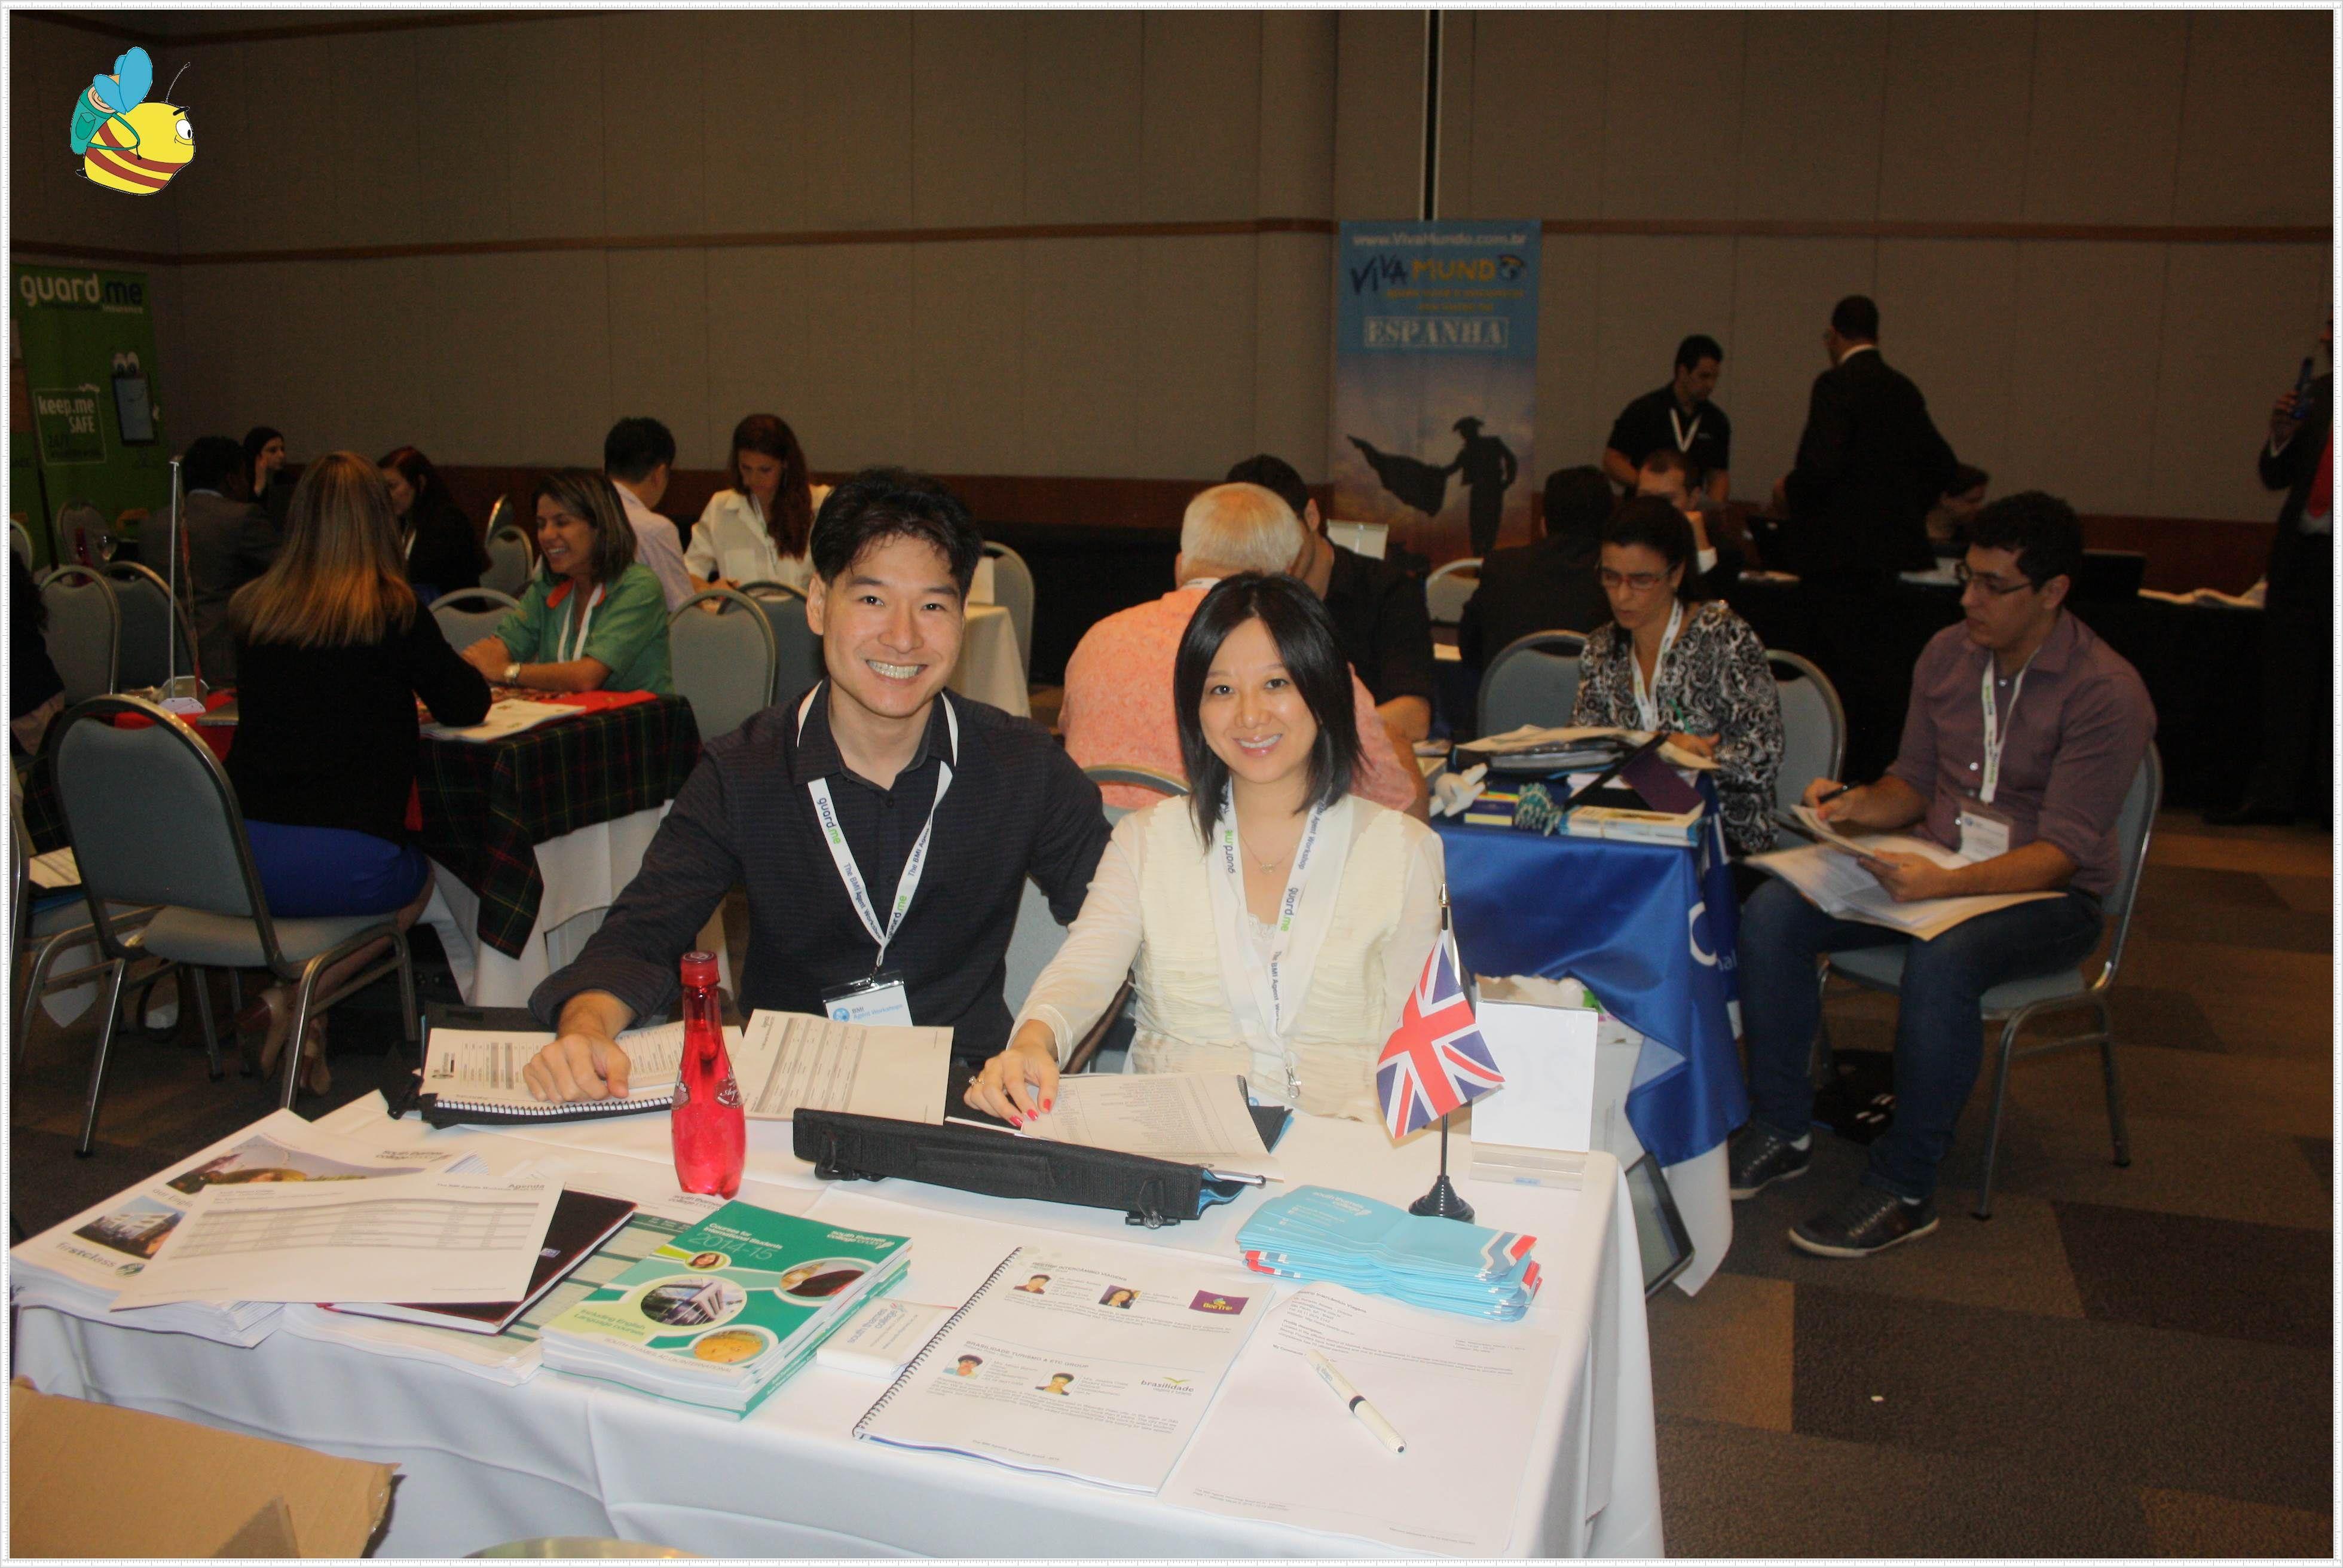 Beetrip foi convidada para A BMI Agents Workshop, feira exclusiva para agências de intercâmbio, realizada pela BMI   Tivemos a oportunidade de encontrar com nossos parceiros internacionais e saber mais das novidades do mercado de Higher Education. Nos aproximamos mais de universidades dos Estados Unidos, Inglaterra e Suiça. Encontramos com antigos parceiros de HighSchool nos EUA e no Canadá. Além de algumas Community Colleges na Califórnia e também de outros Estados da América do Norte.